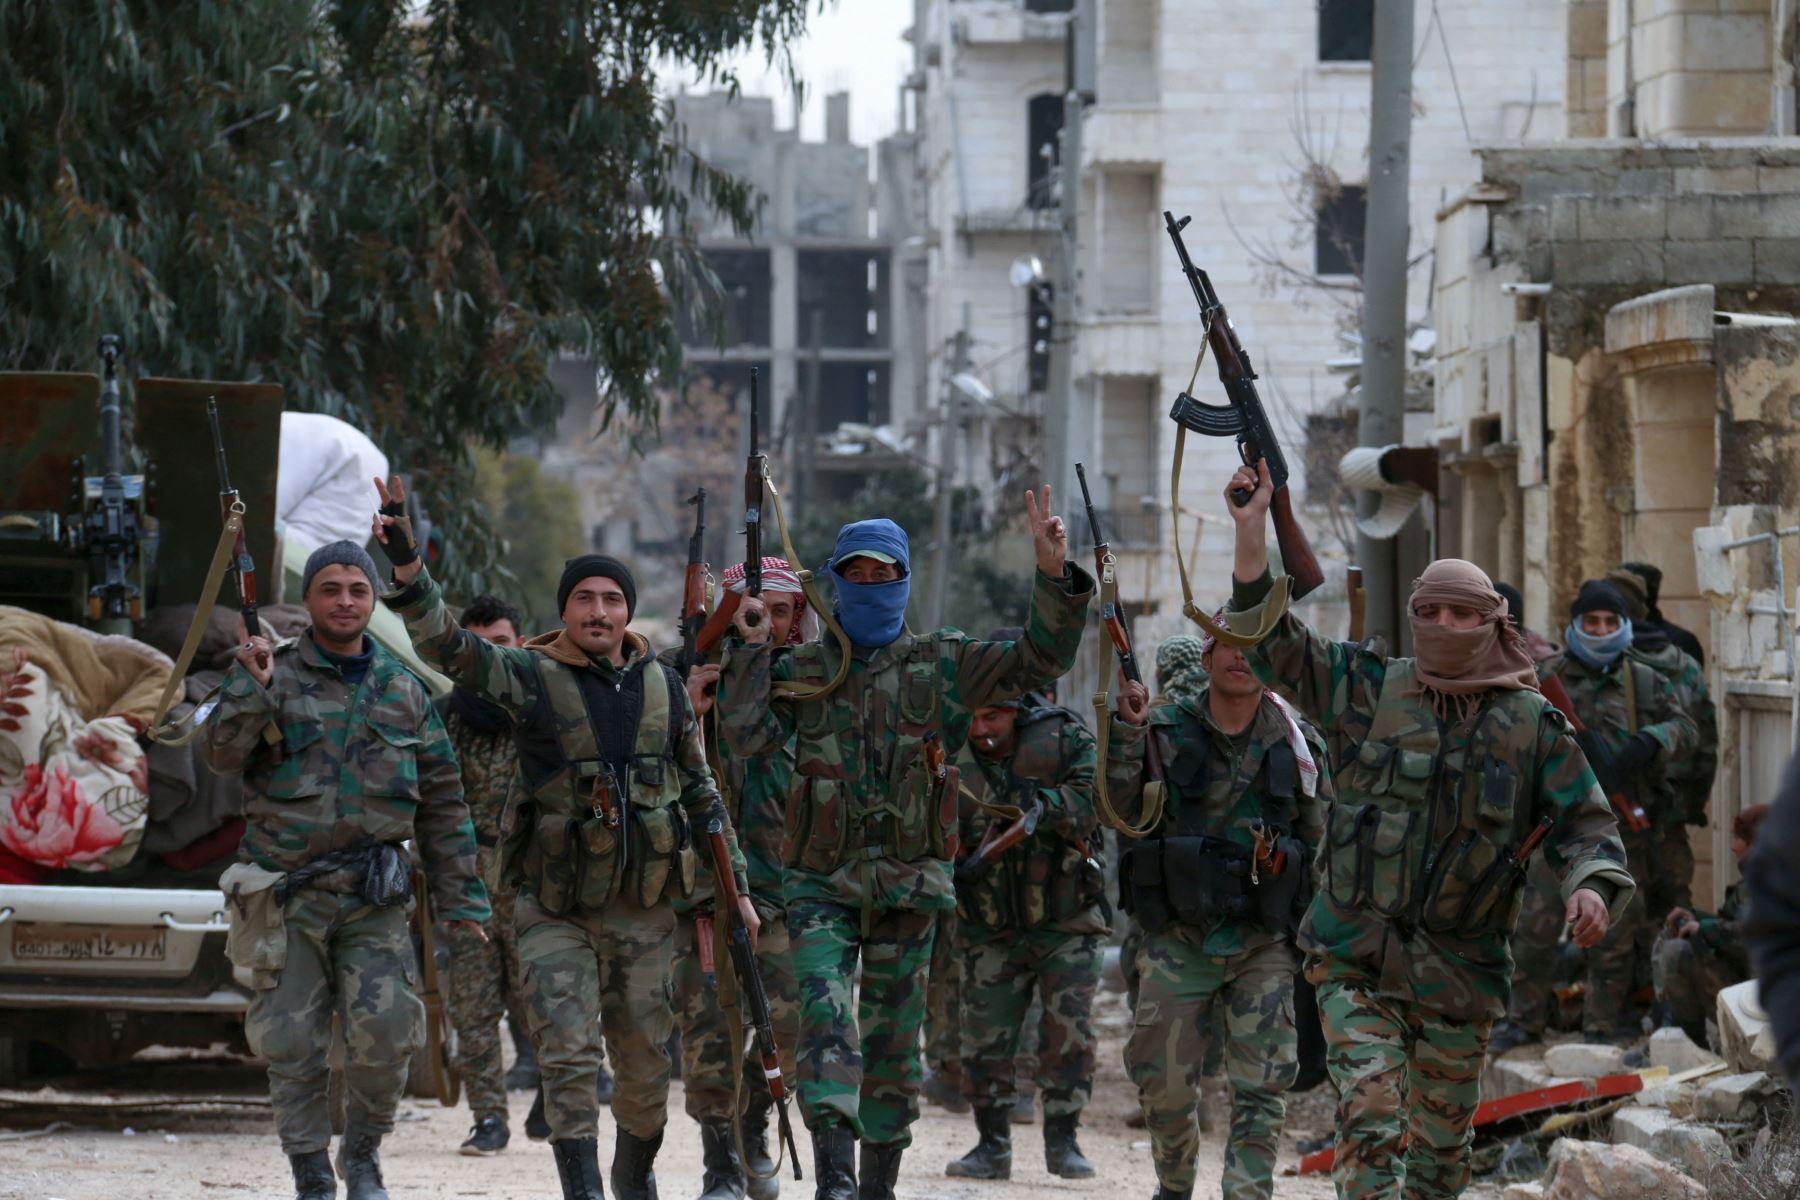 Los miembros del ejército sirio se despliegan en el distrito de al-Rashidin 1, en el campo del sudoeste de Alepo. Foto: AFP